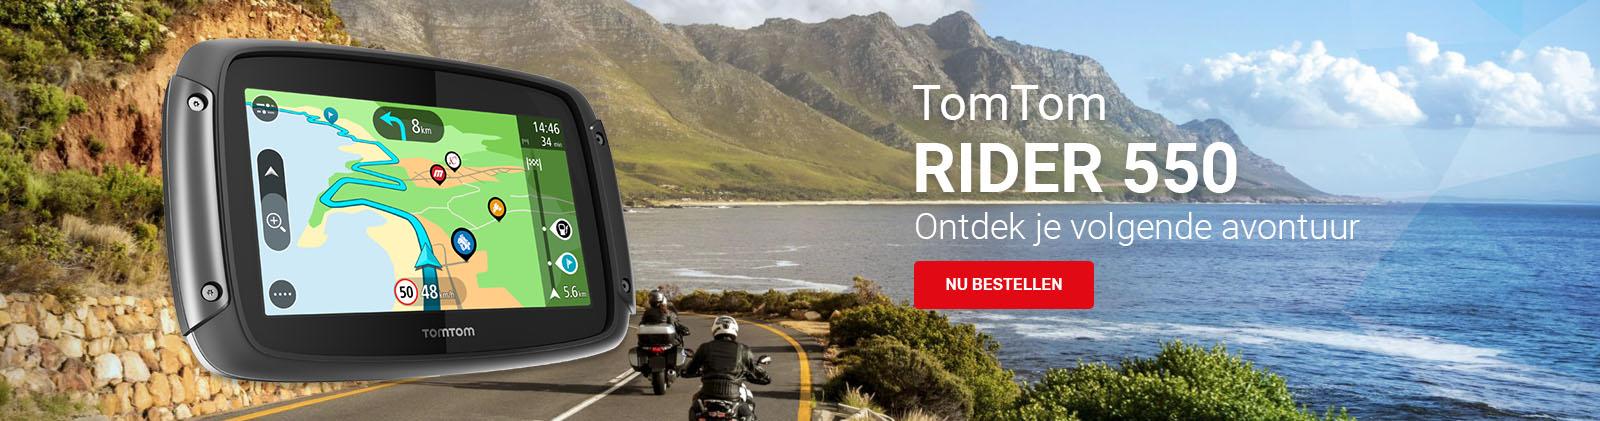 TomTom Rider NL